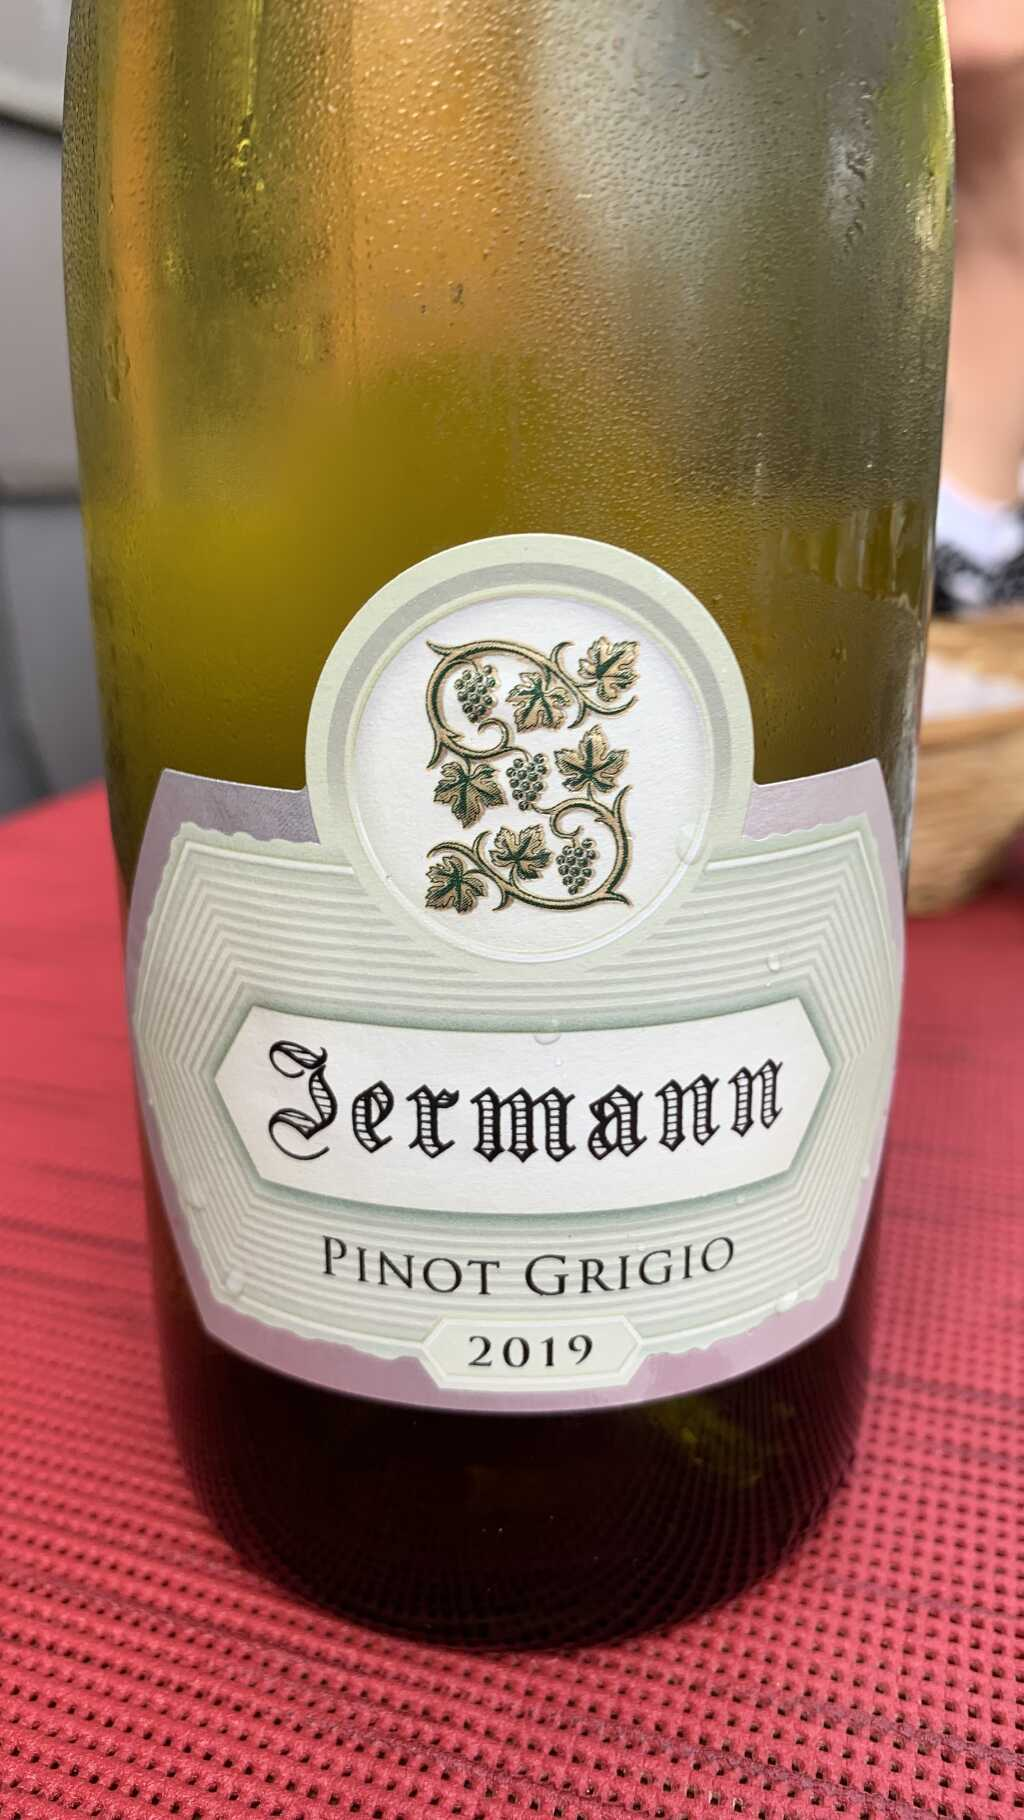 2019 Pinot Grigio, Silvio Jermann (Hochformat, bitte anklicken sofern auf PC oder Mac betrachtet)